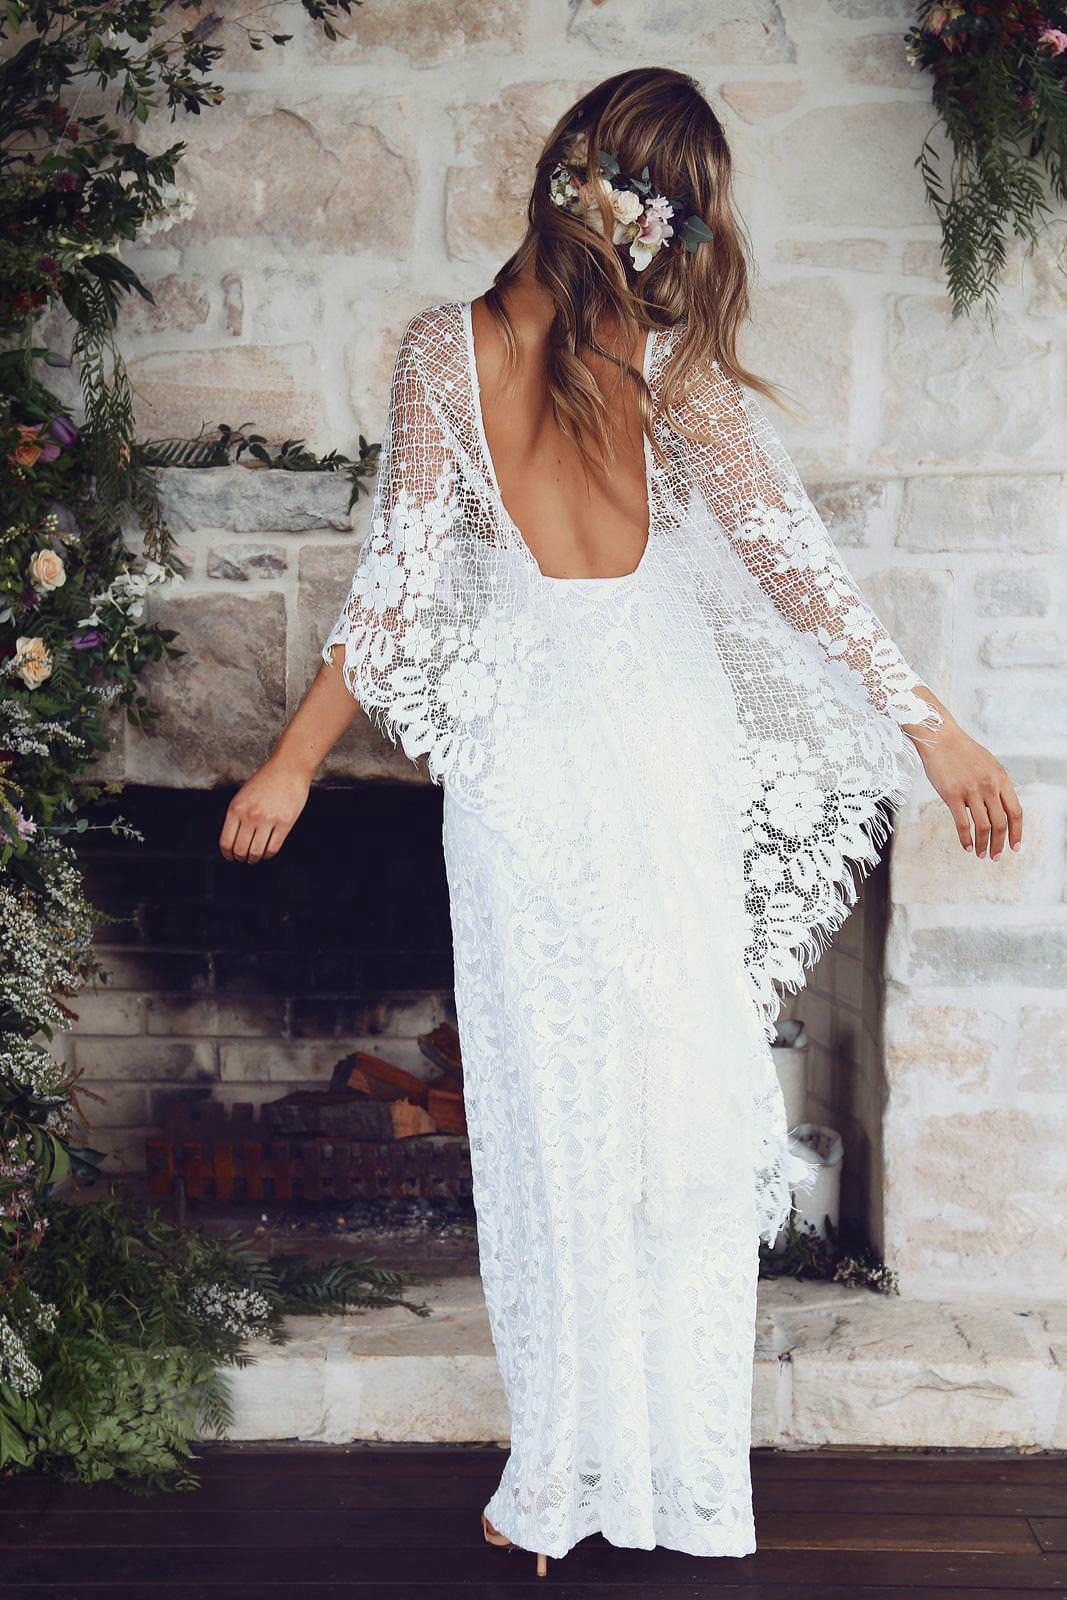 Verdelle lace wedding dress